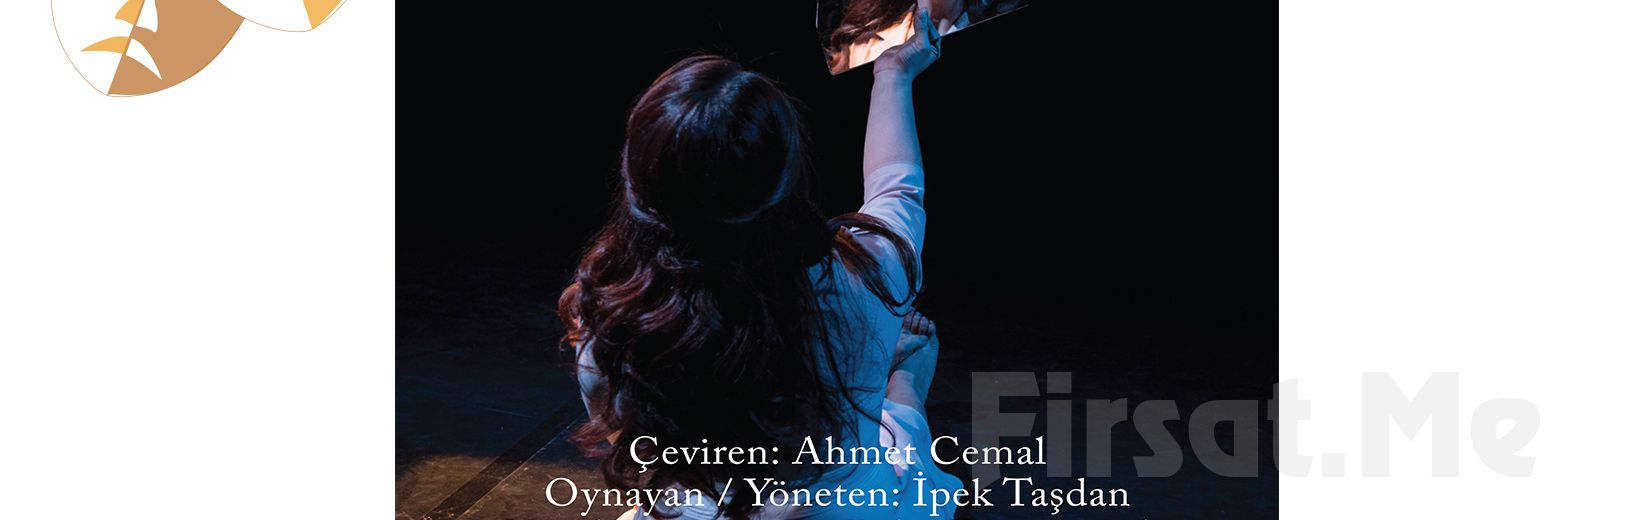 İpek Taşdan performansıyla 'Satranç' Tiyatro Oyun Bileti